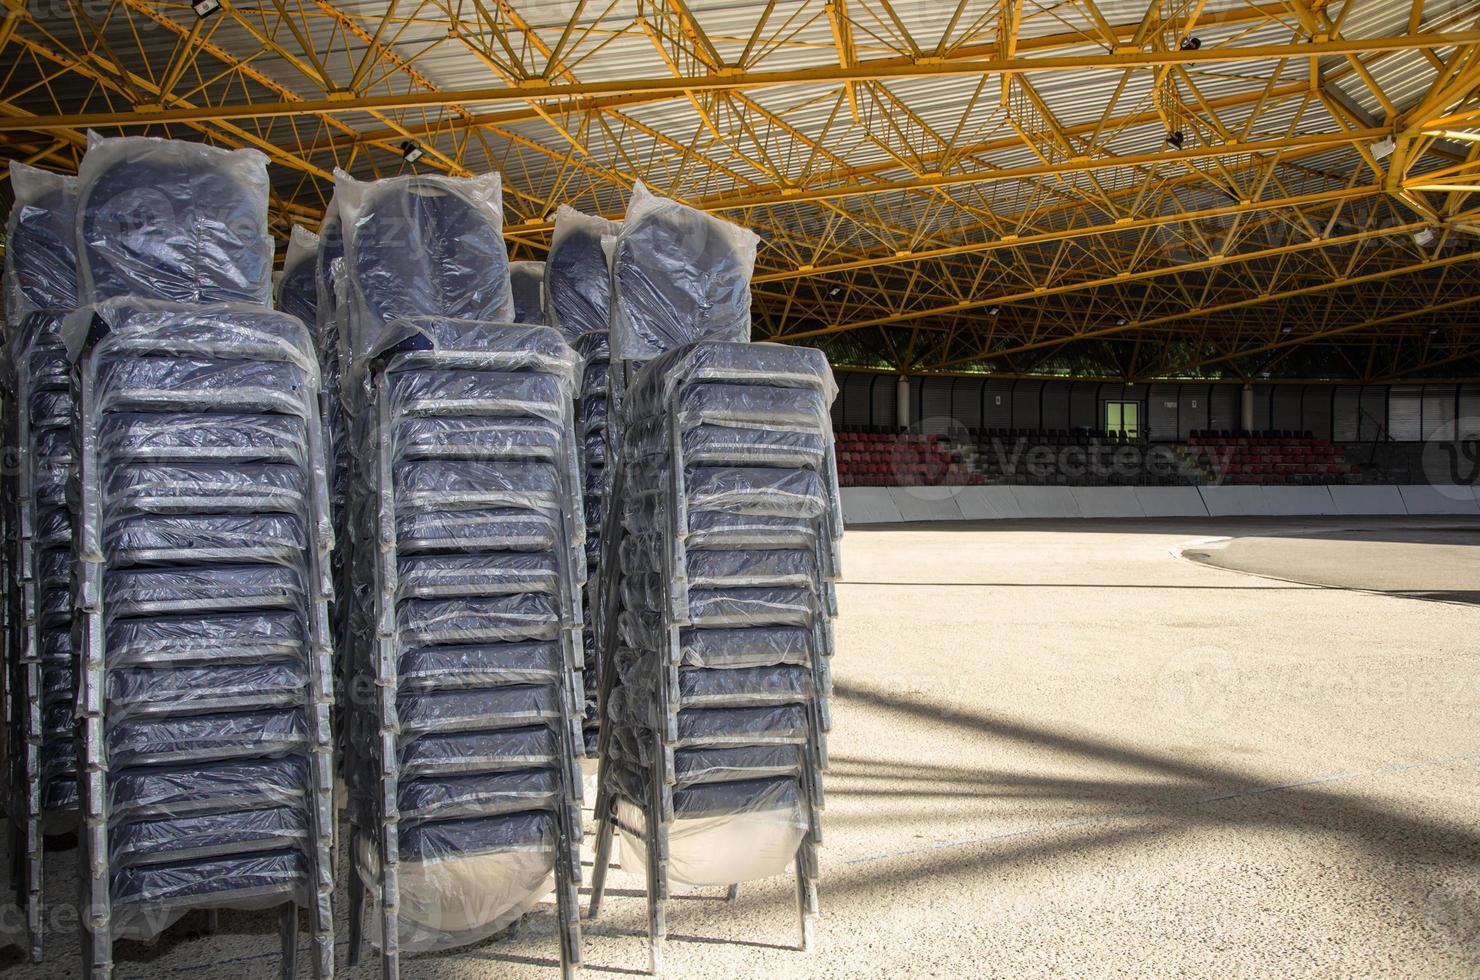 Neue leere Stühle mit Plastiküberzug im Eislaufstadion foto